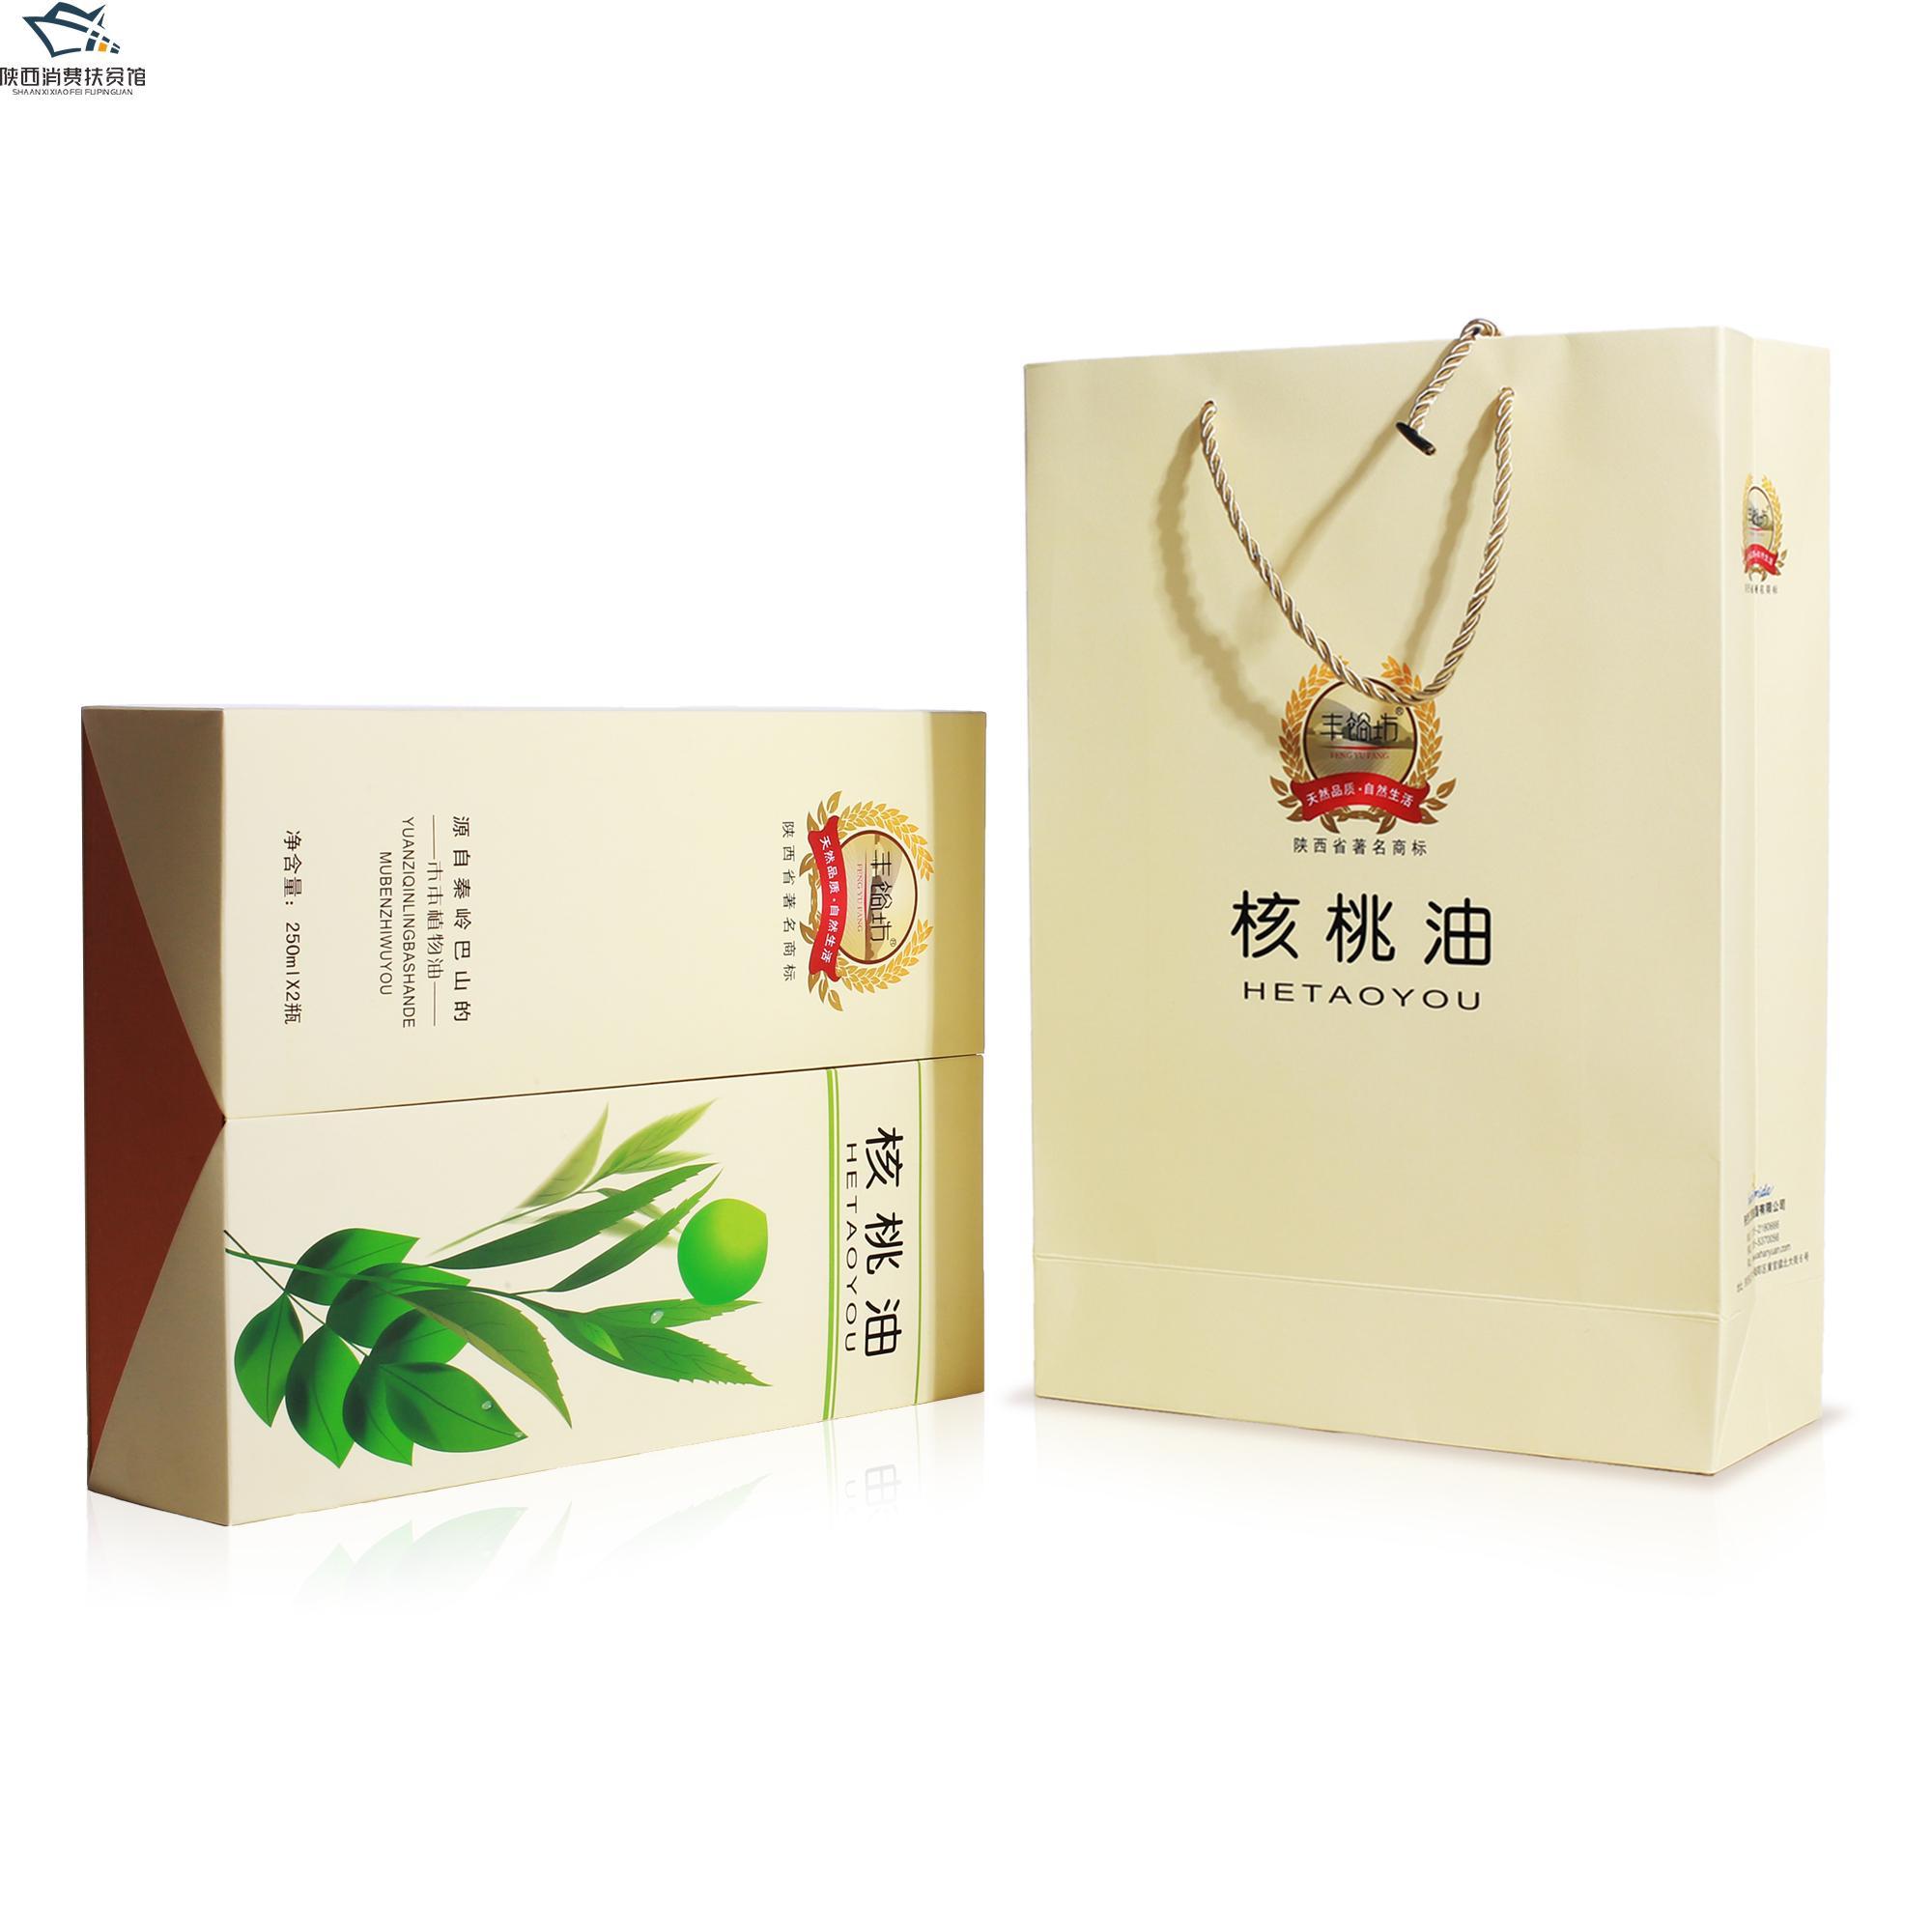 【汉中扶贫馆】南郑县 汉源油脂 丰裕坊核桃油盒装250ml*2瓶